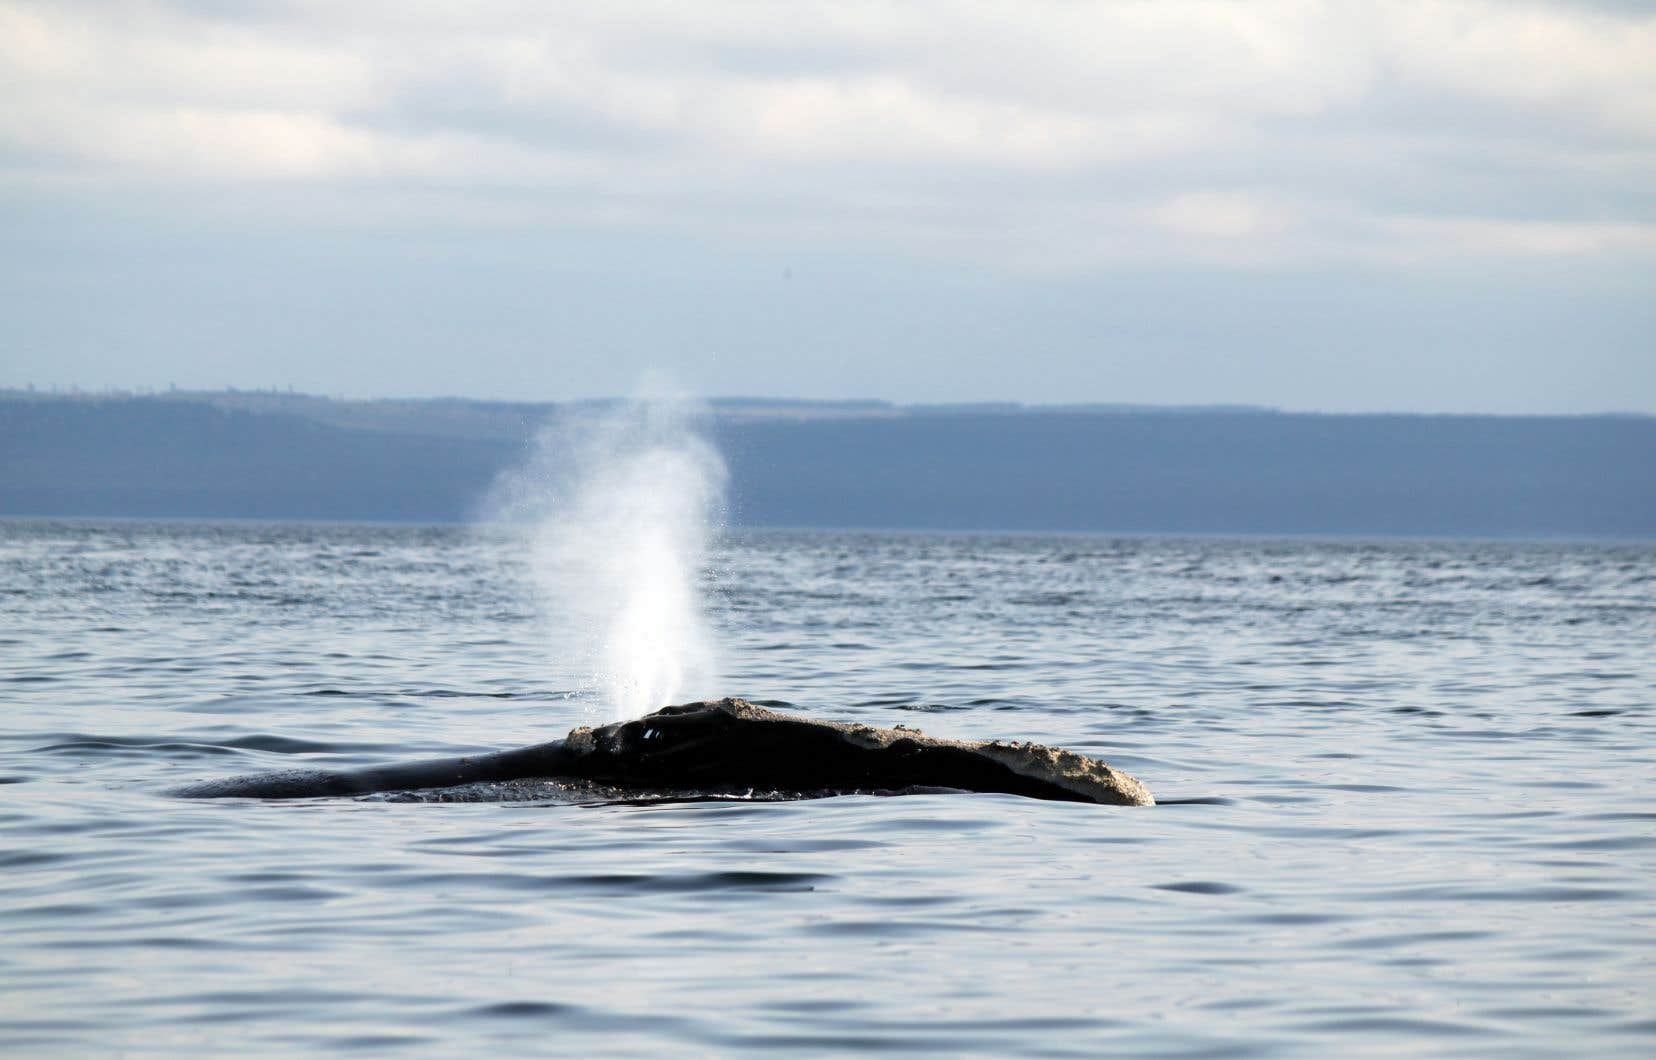 <p>Jusqu'à présent, quatre baleines ont été trouvées empêtrées dans des cordes au cours du dernier mois.</p>